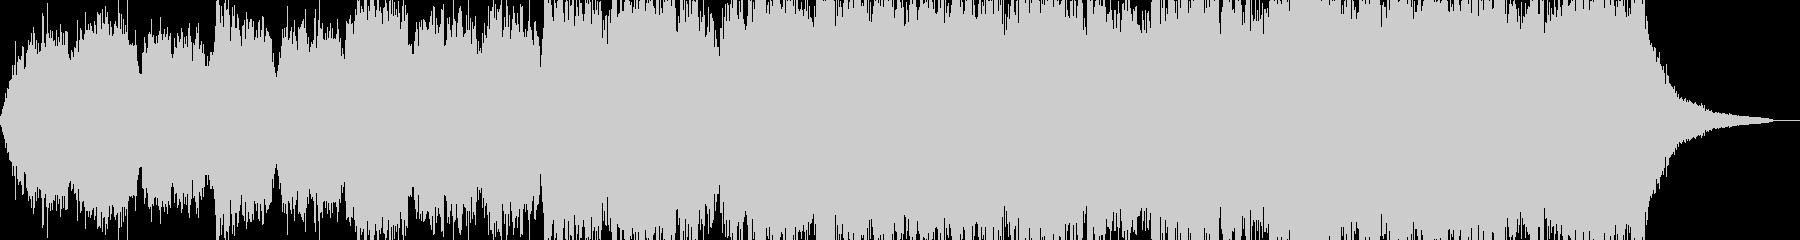 暗く絶望しているような雰囲気のBGMの未再生の波形